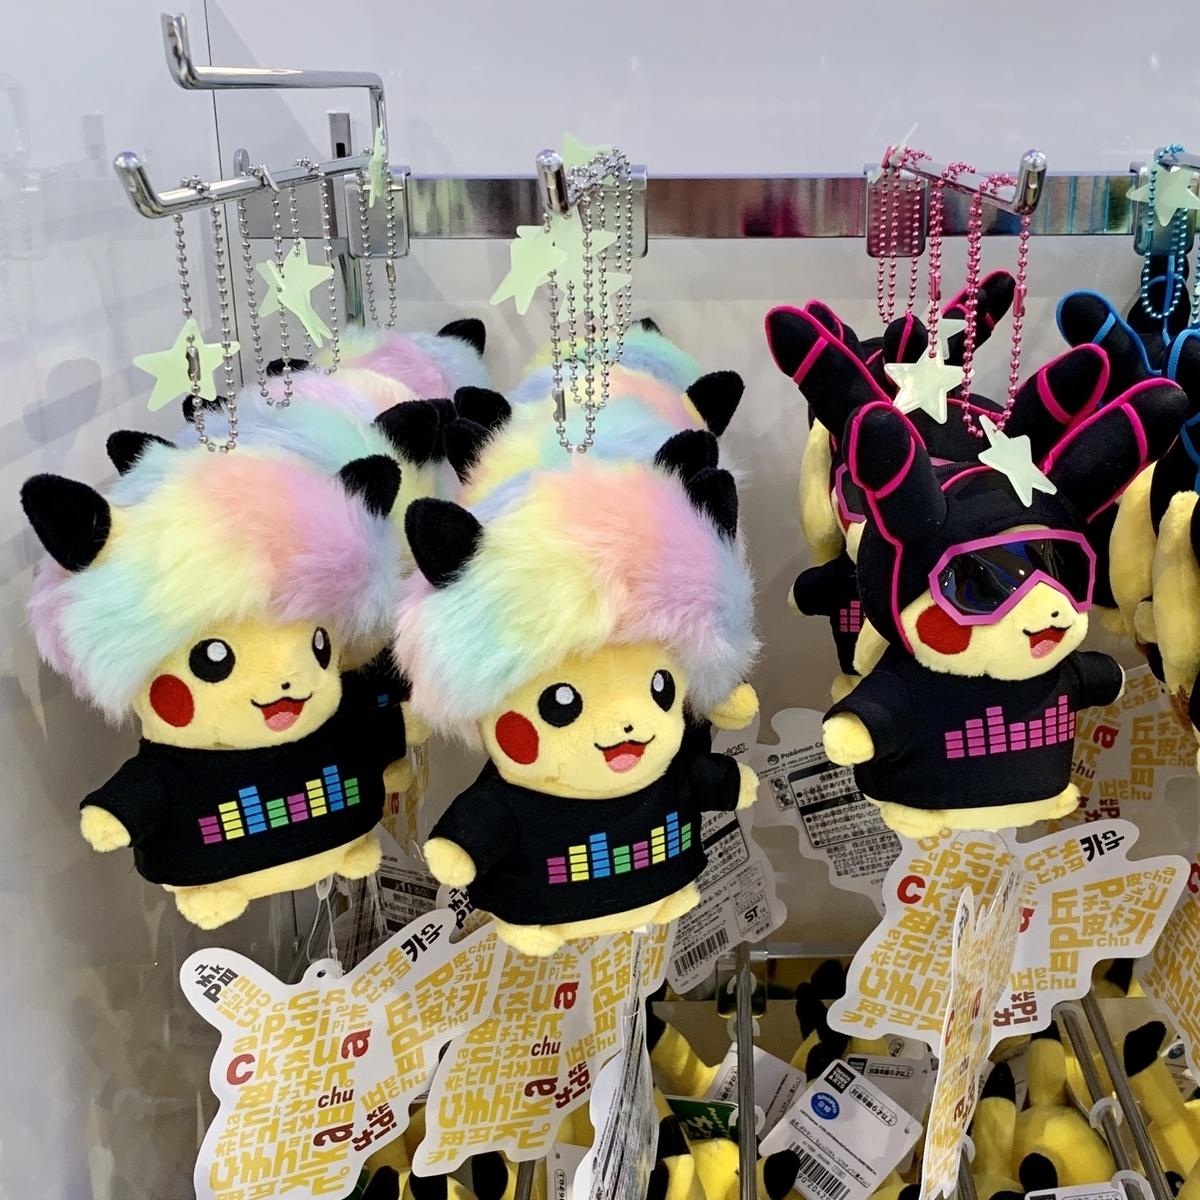 f:id:pikachu_pcn:20190727211720j:plain